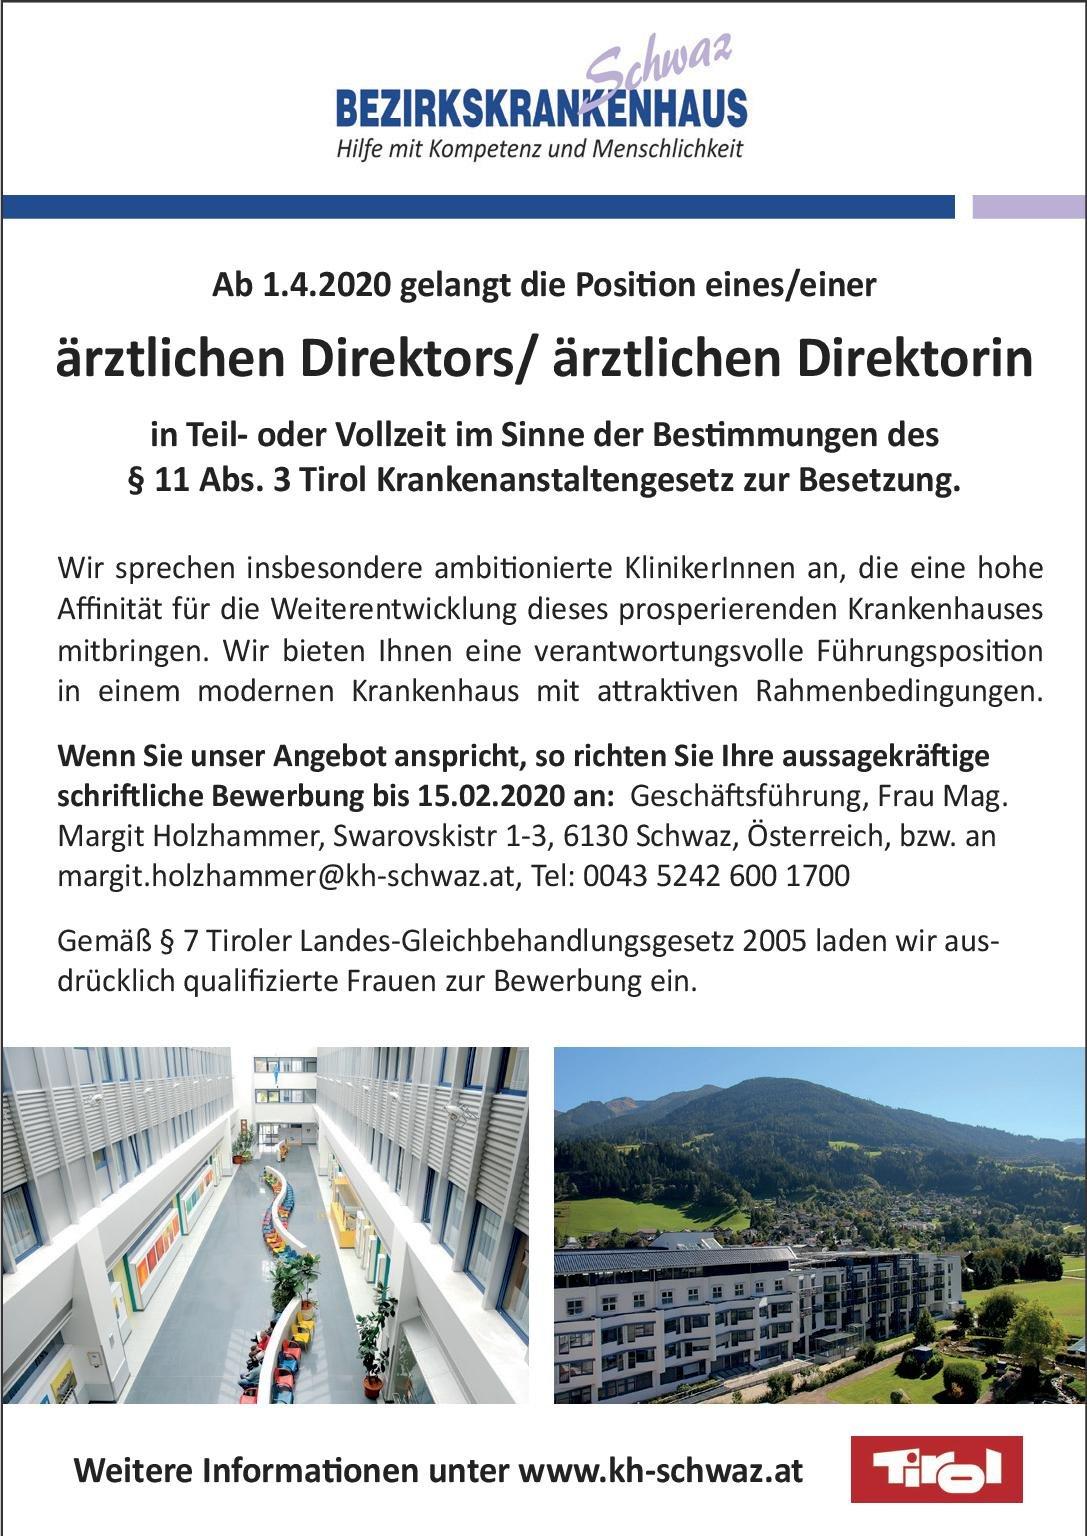 Bezirkskrankenhaus Schwaz ärztlicher Direktor/ ärztliche Direktorin * ohne Gebiete Ärztl. Geschäftsführer / Direktor